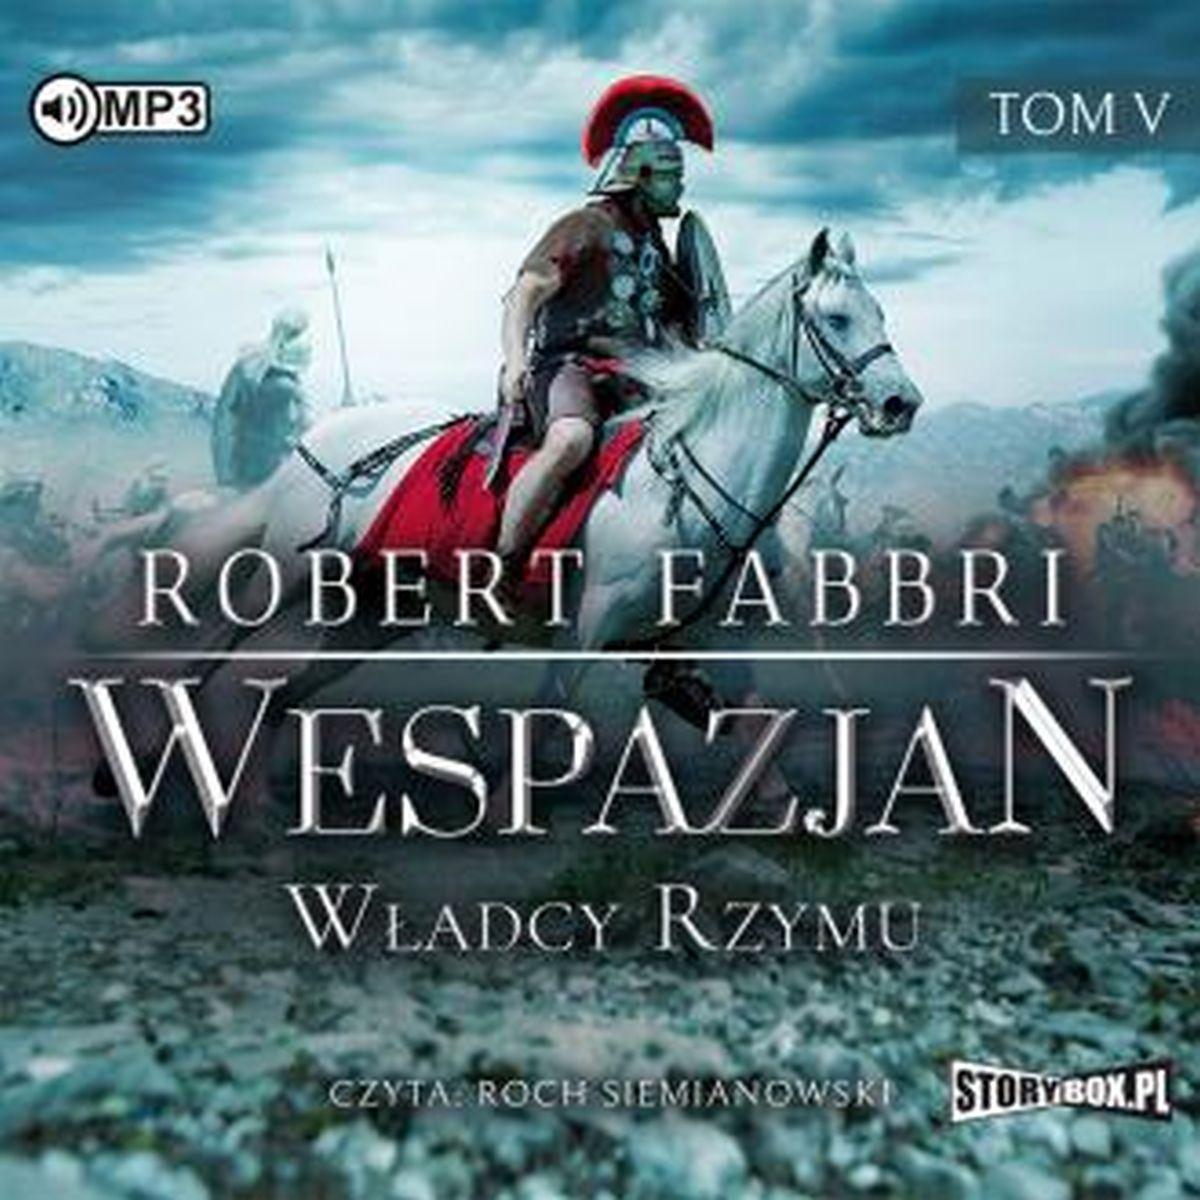 CD MP3 Władcy Rzymu Wespazjan tom 5